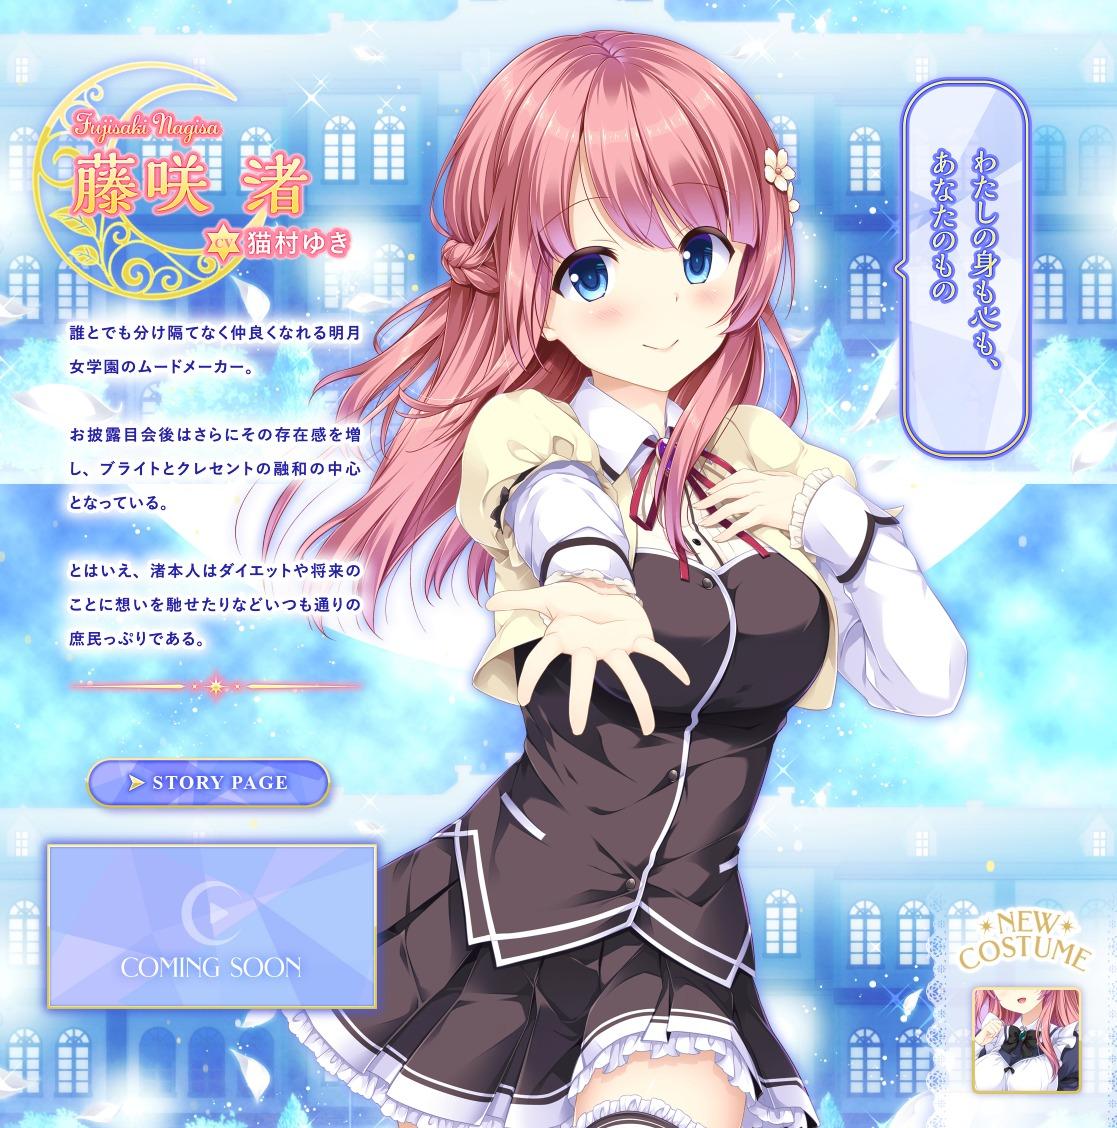 乙女が結ぶ月夜の煌めき Fullmoon Days 公式サイト Character:藤咲渚